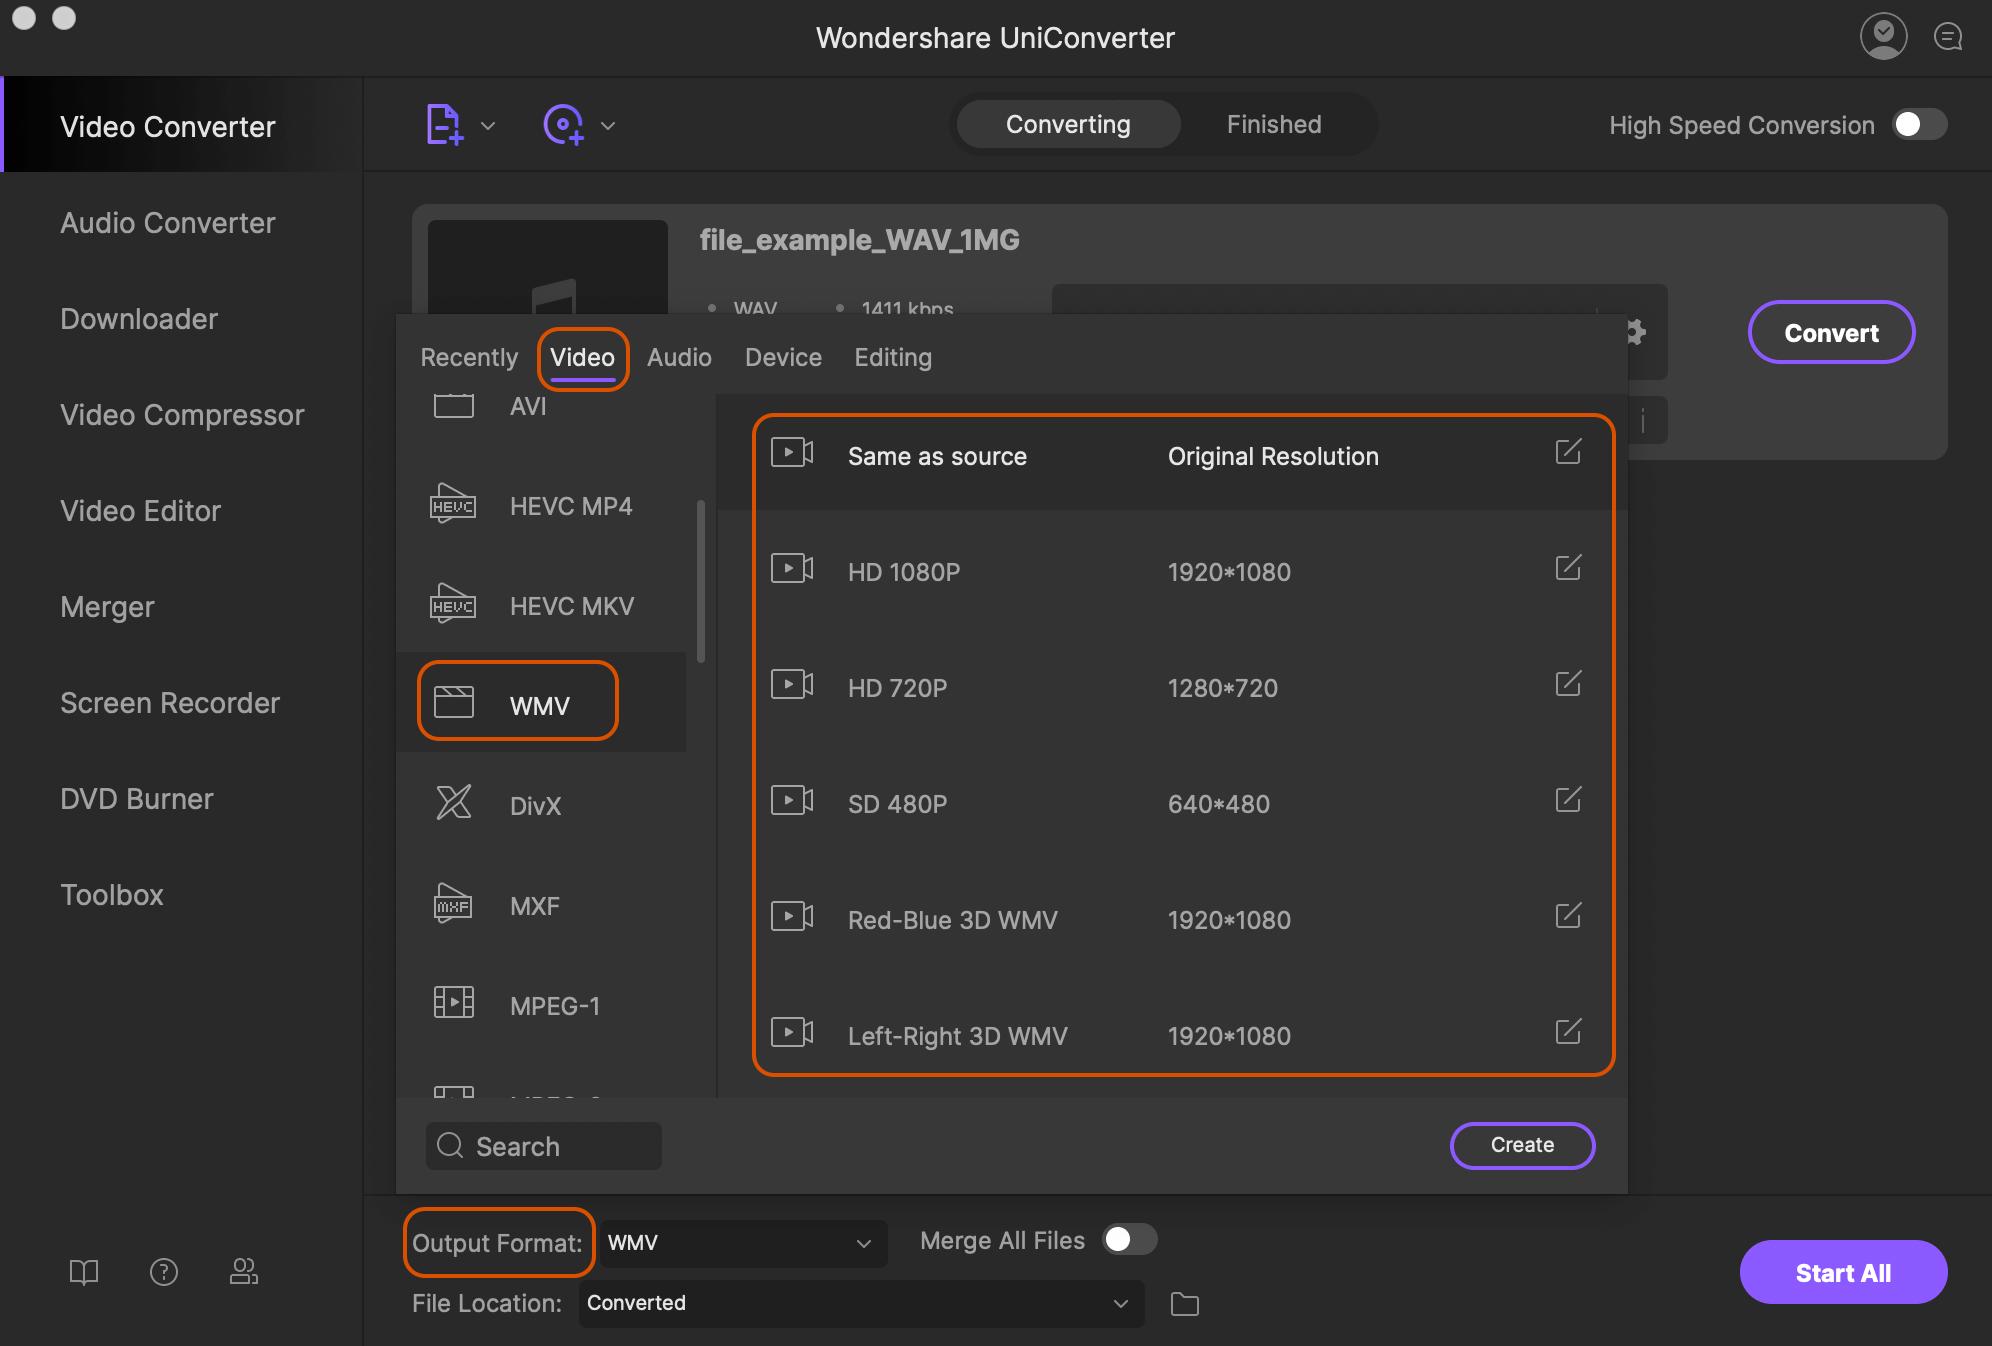 WAV to WMV: Best Way to Convert WAV to WMV on Mac/Windows